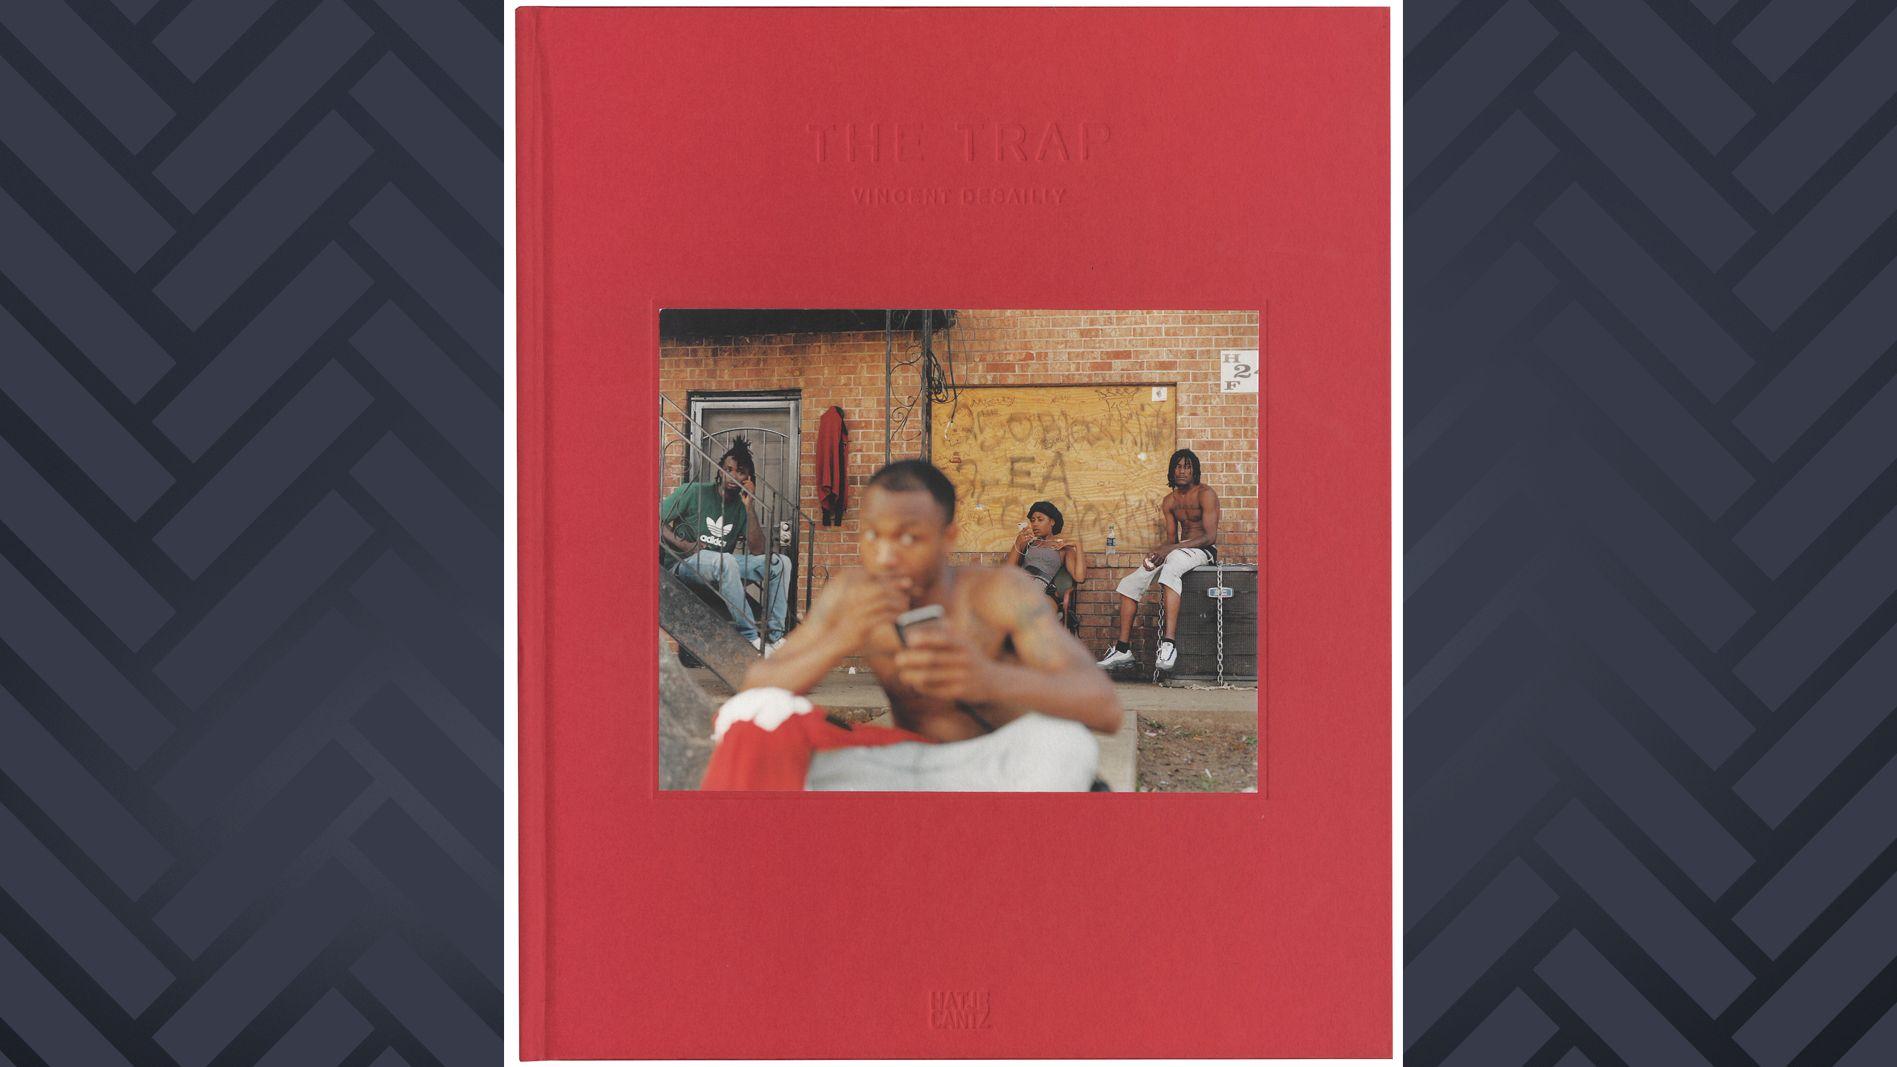 """Schwarze Nachbarschaft in Atlanta auf dem Cover des Fotobandes """"The Trap"""" von Vincent Desailly"""